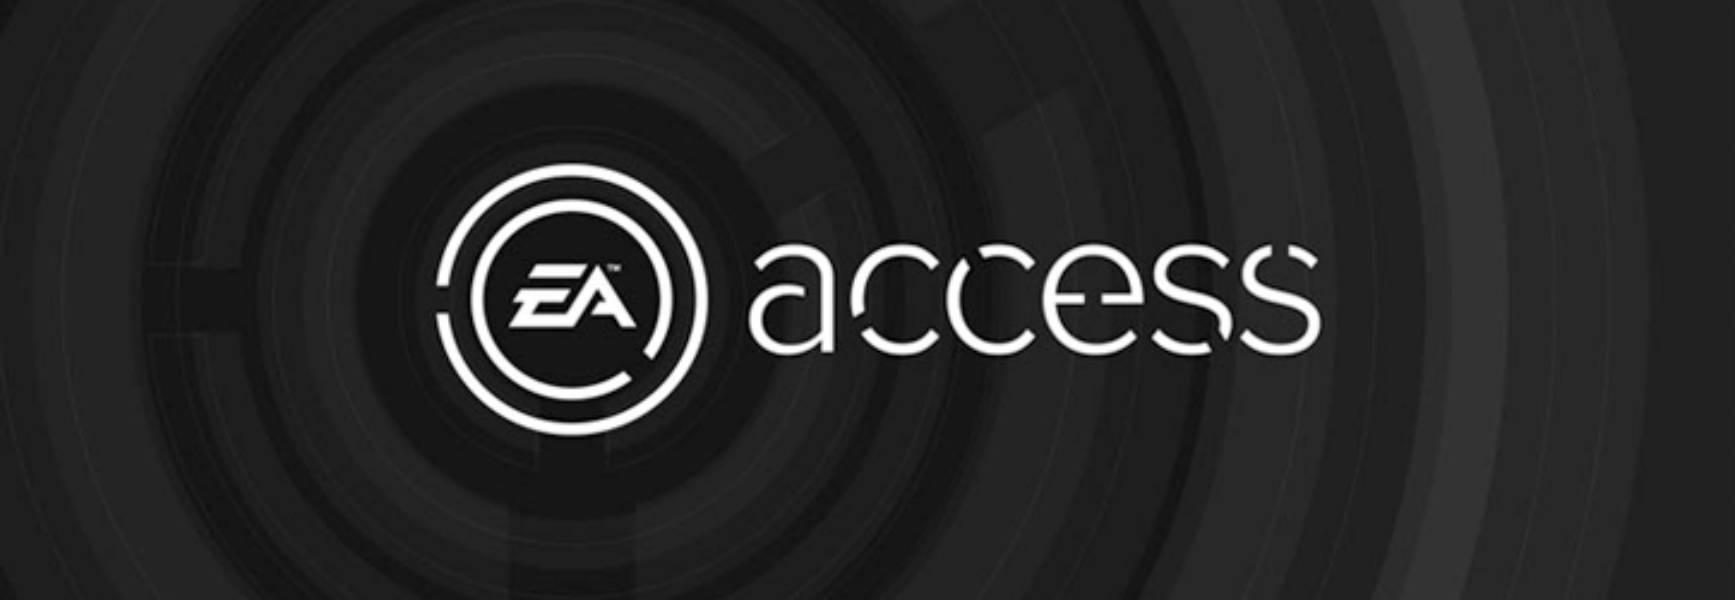 Ea Anuncia Access La Tarifa Plana Para Acceder A Sus Juegos En Xbox